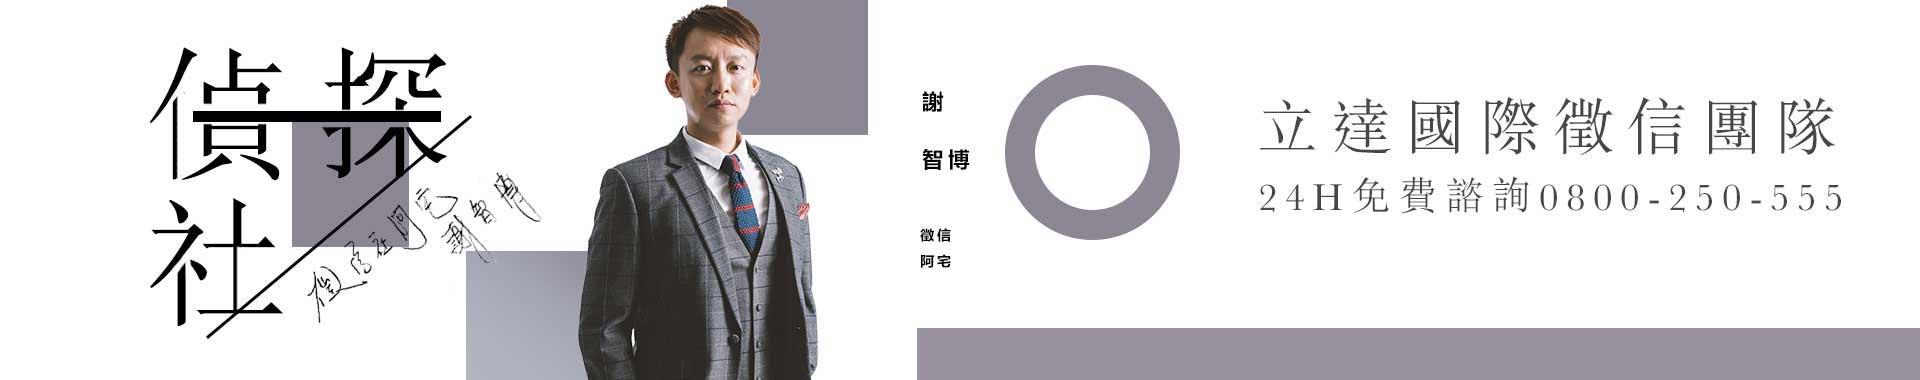 台灣偵探社